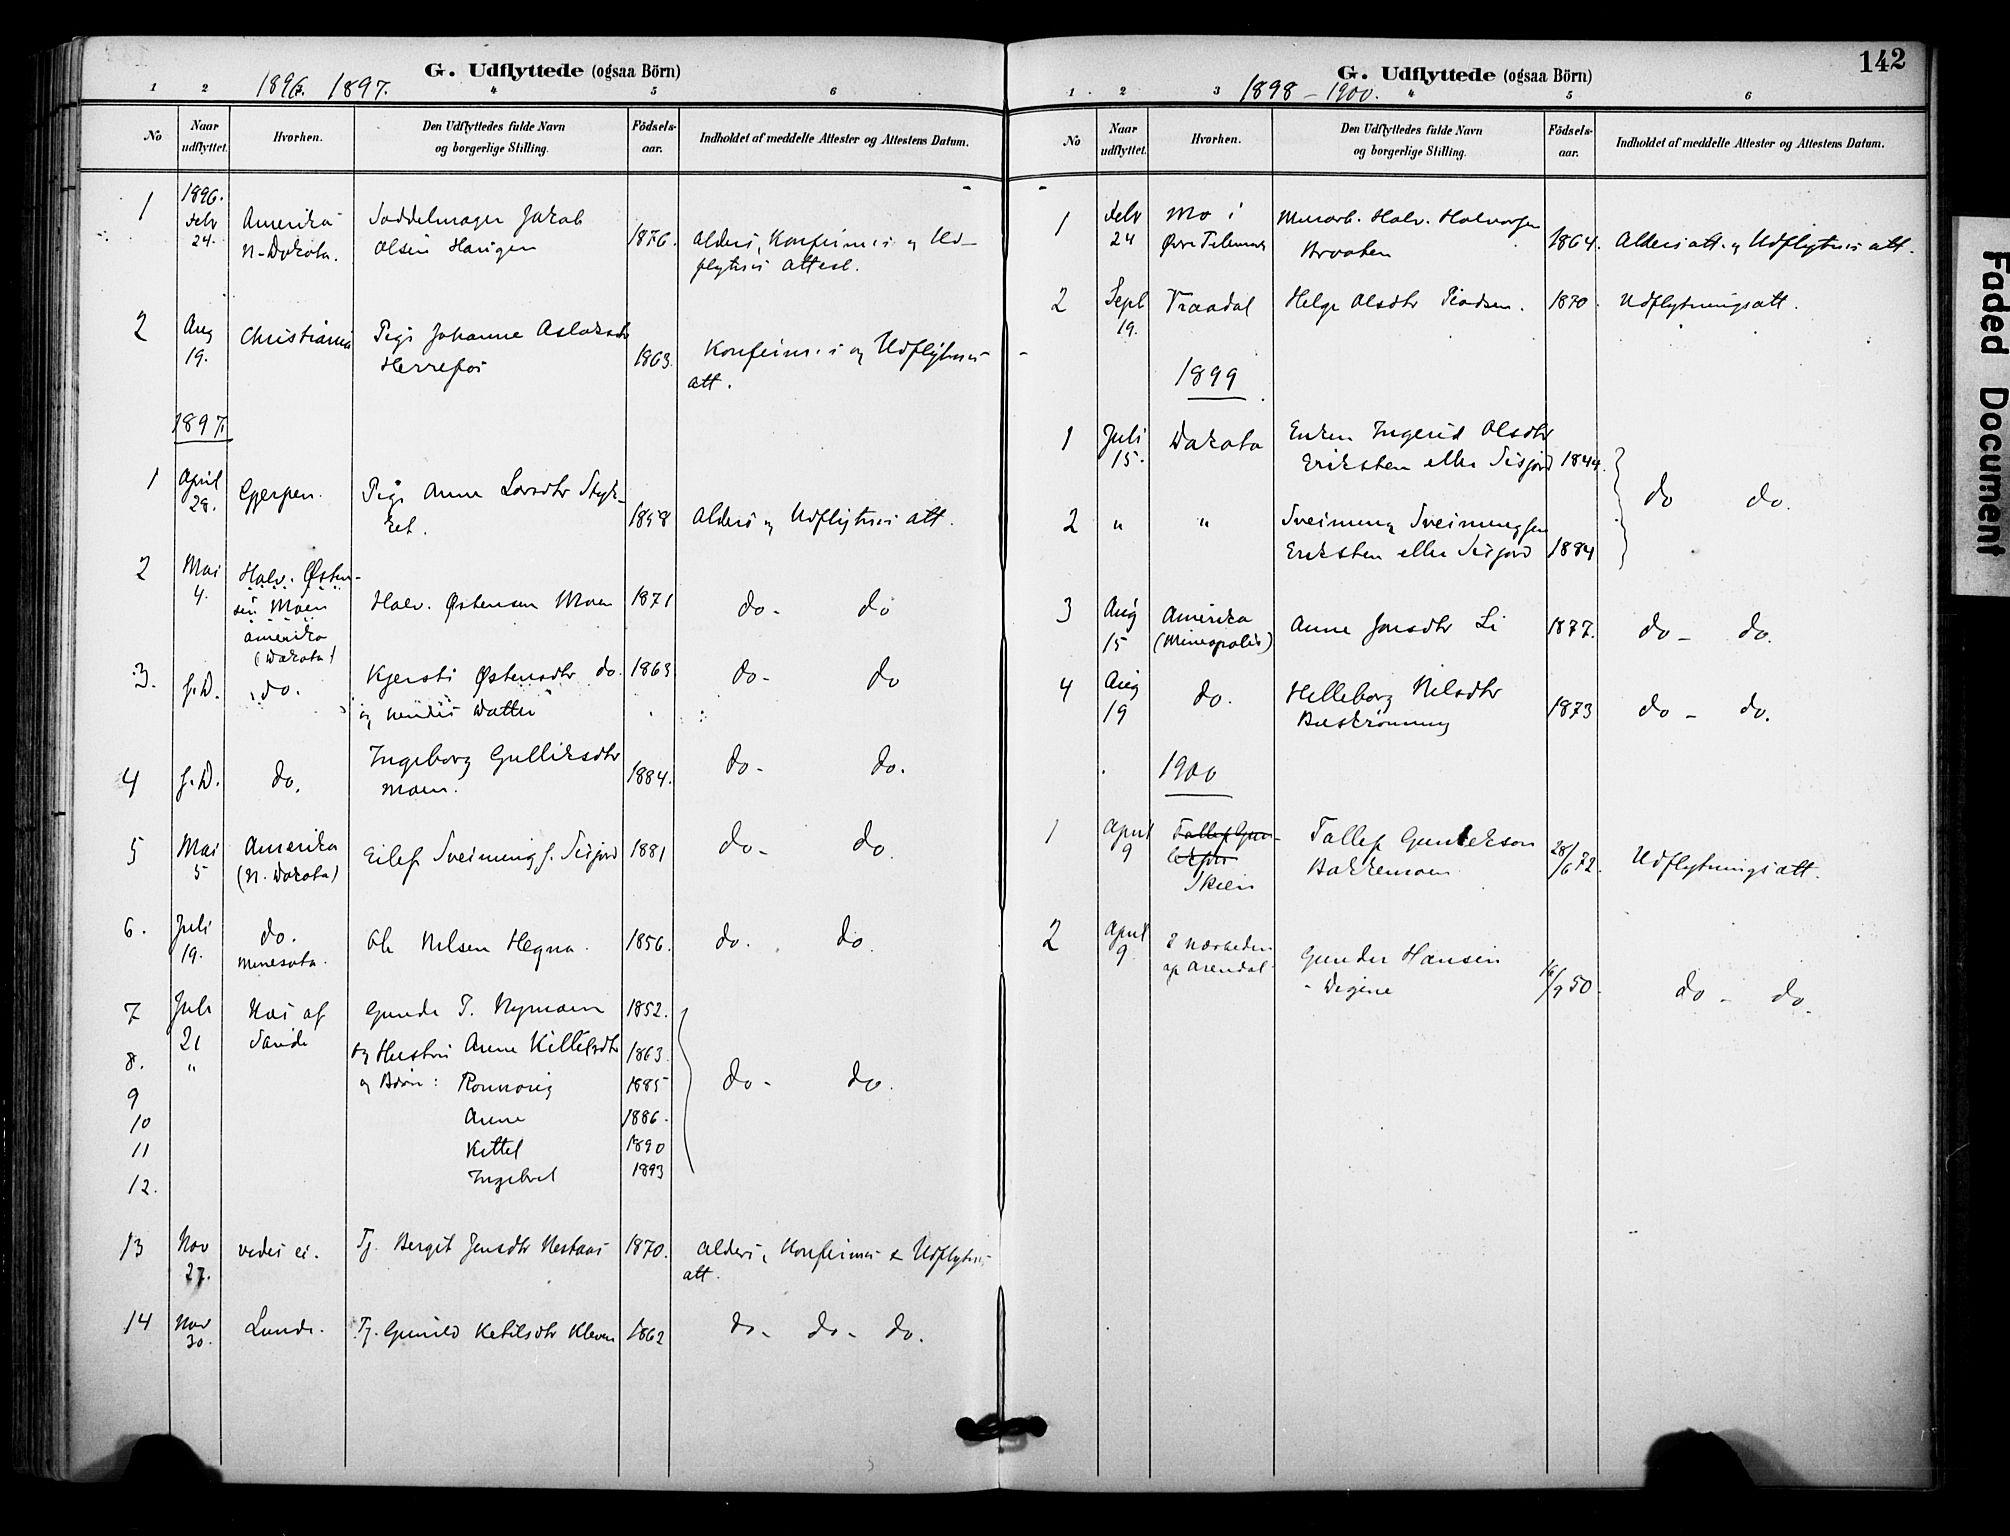 SAKO, Bø kirkebøker, F/Fa/L0011: Ministerialbok nr. 11, 1892-1900, s. 142